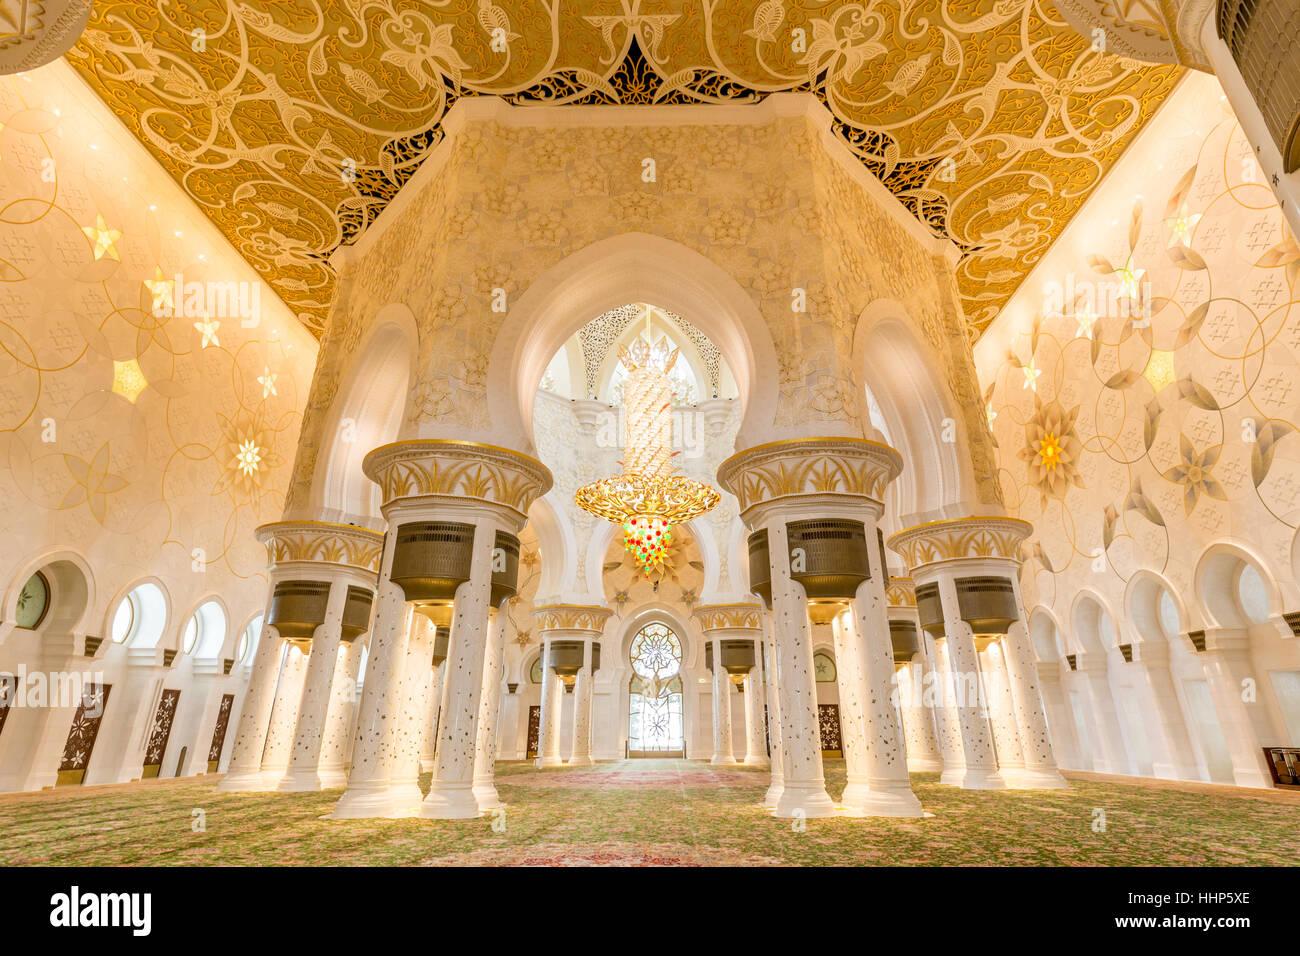 Interior of Sheikh Zayed Grand Mosque, Abu Dhabi, United Arab Emirates. - Stock Image